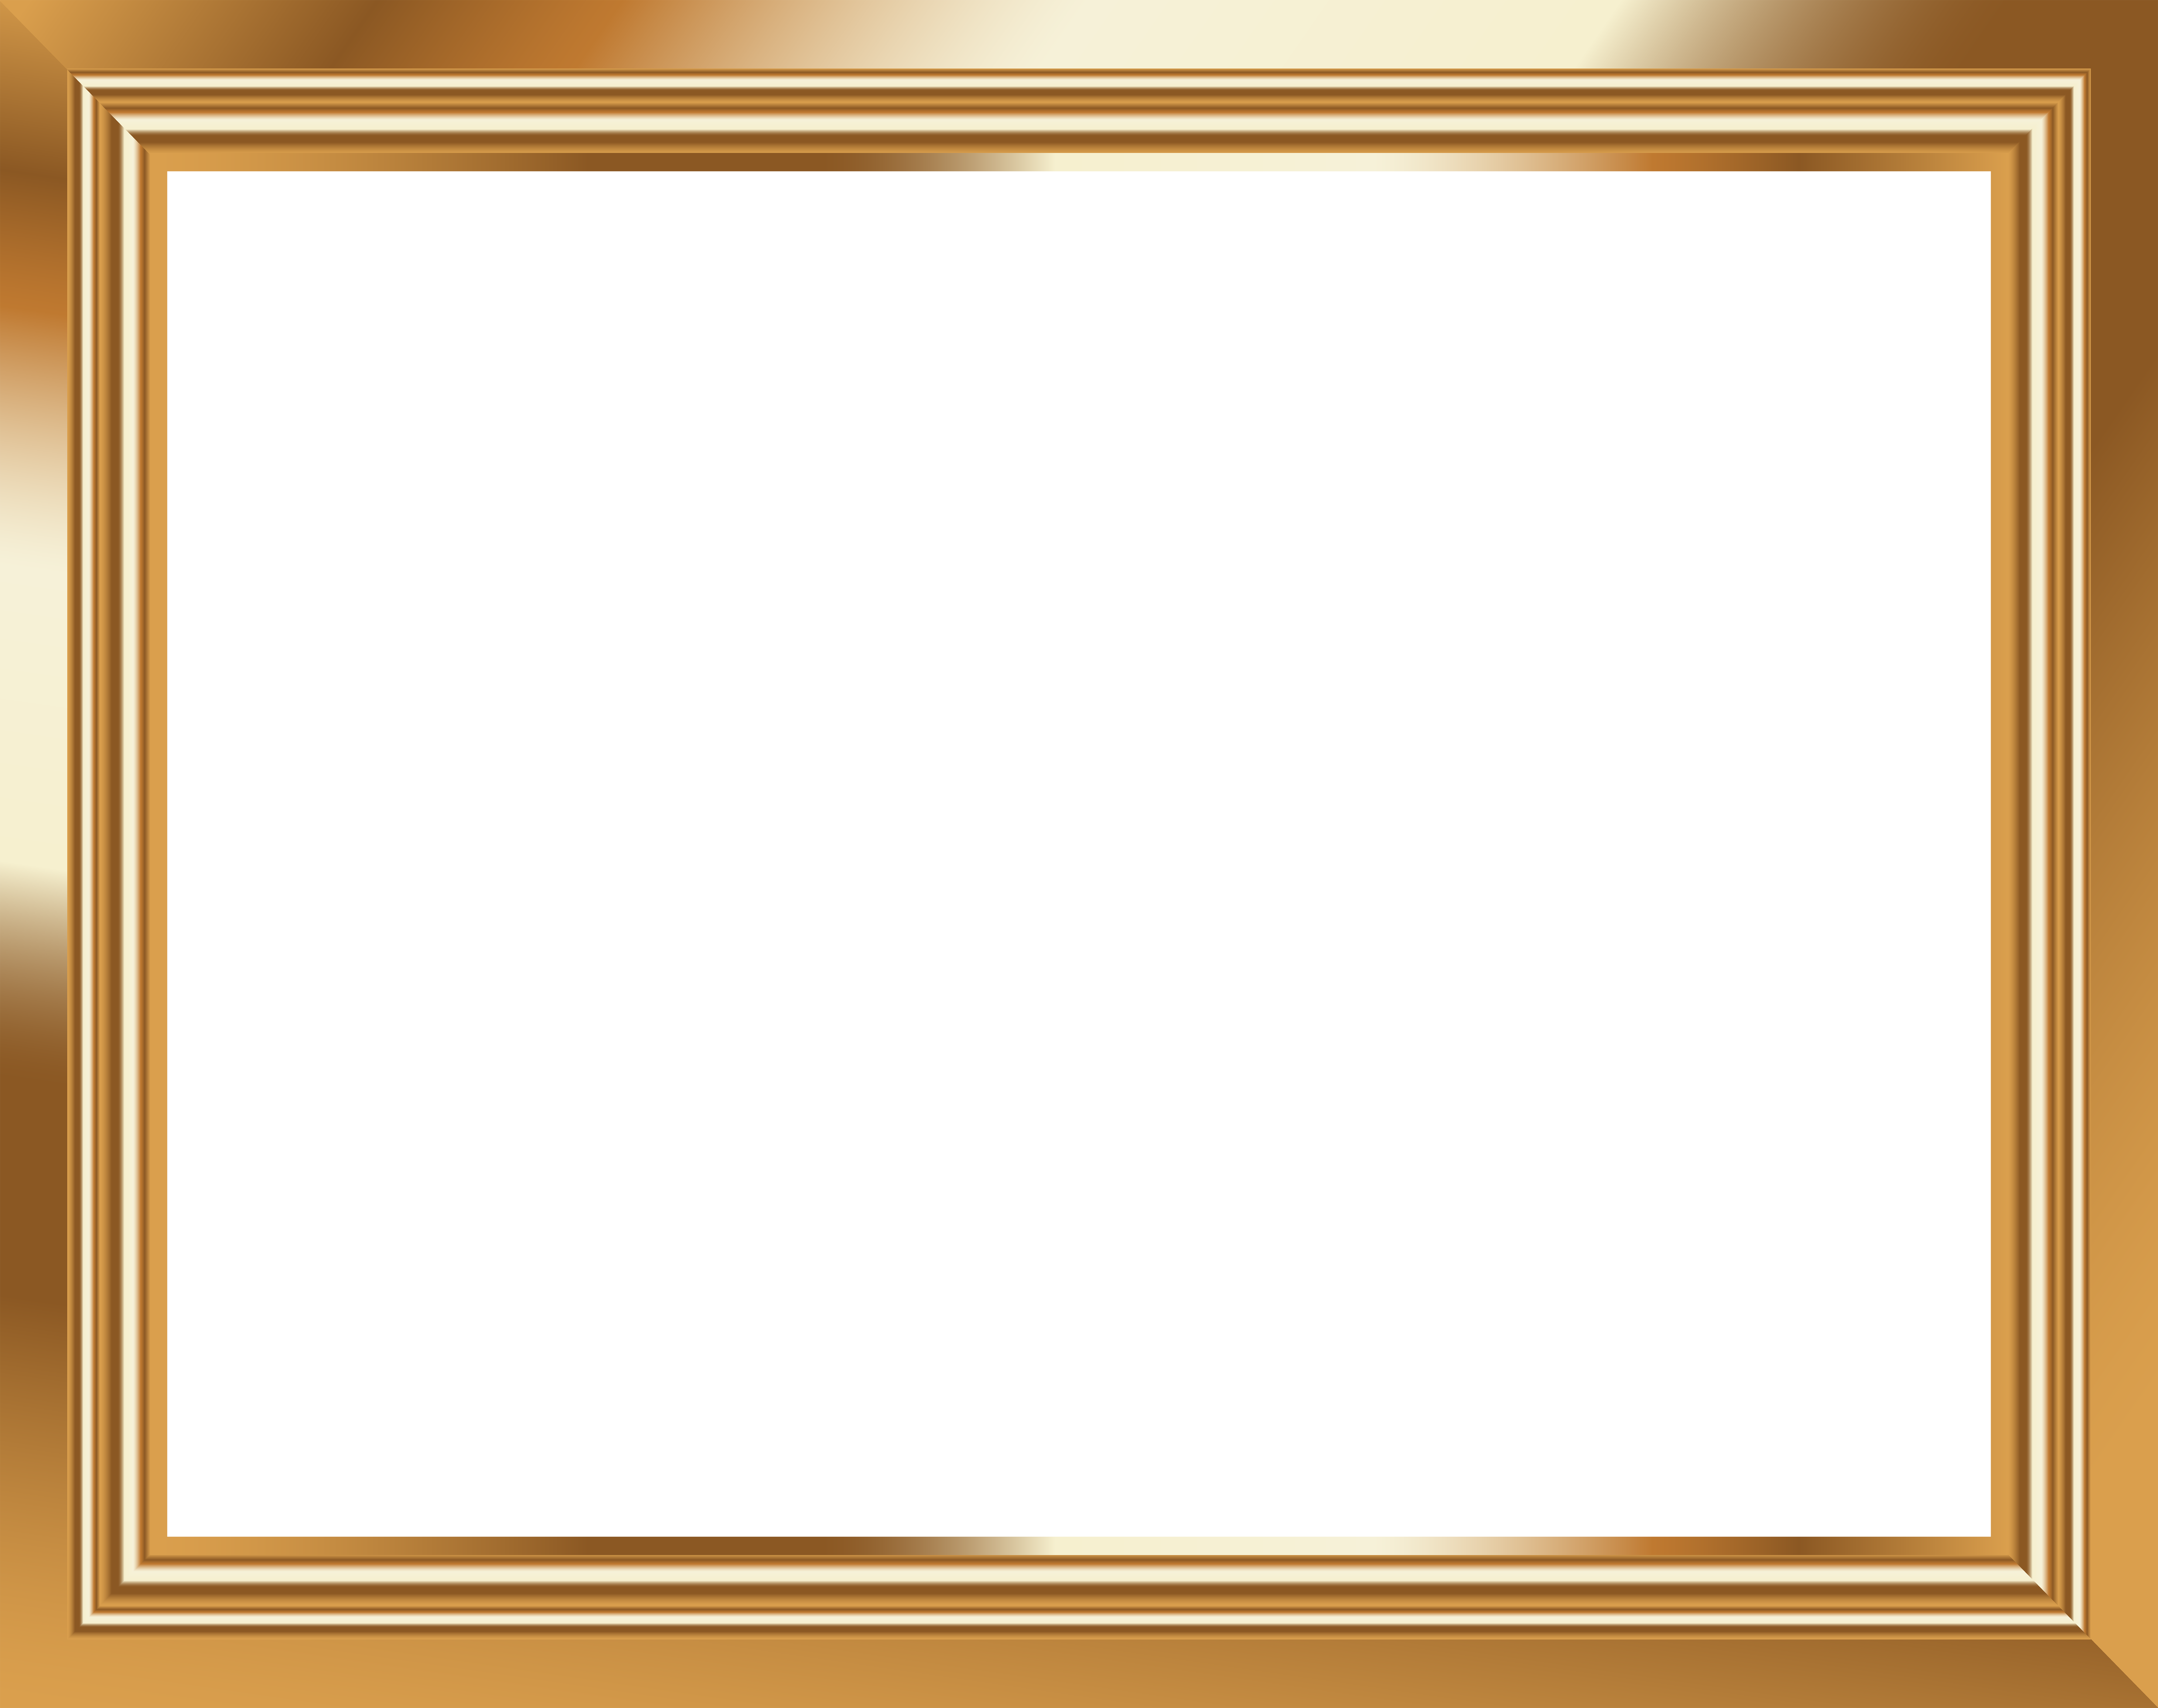 Gold Transparent Frame PNG Image.